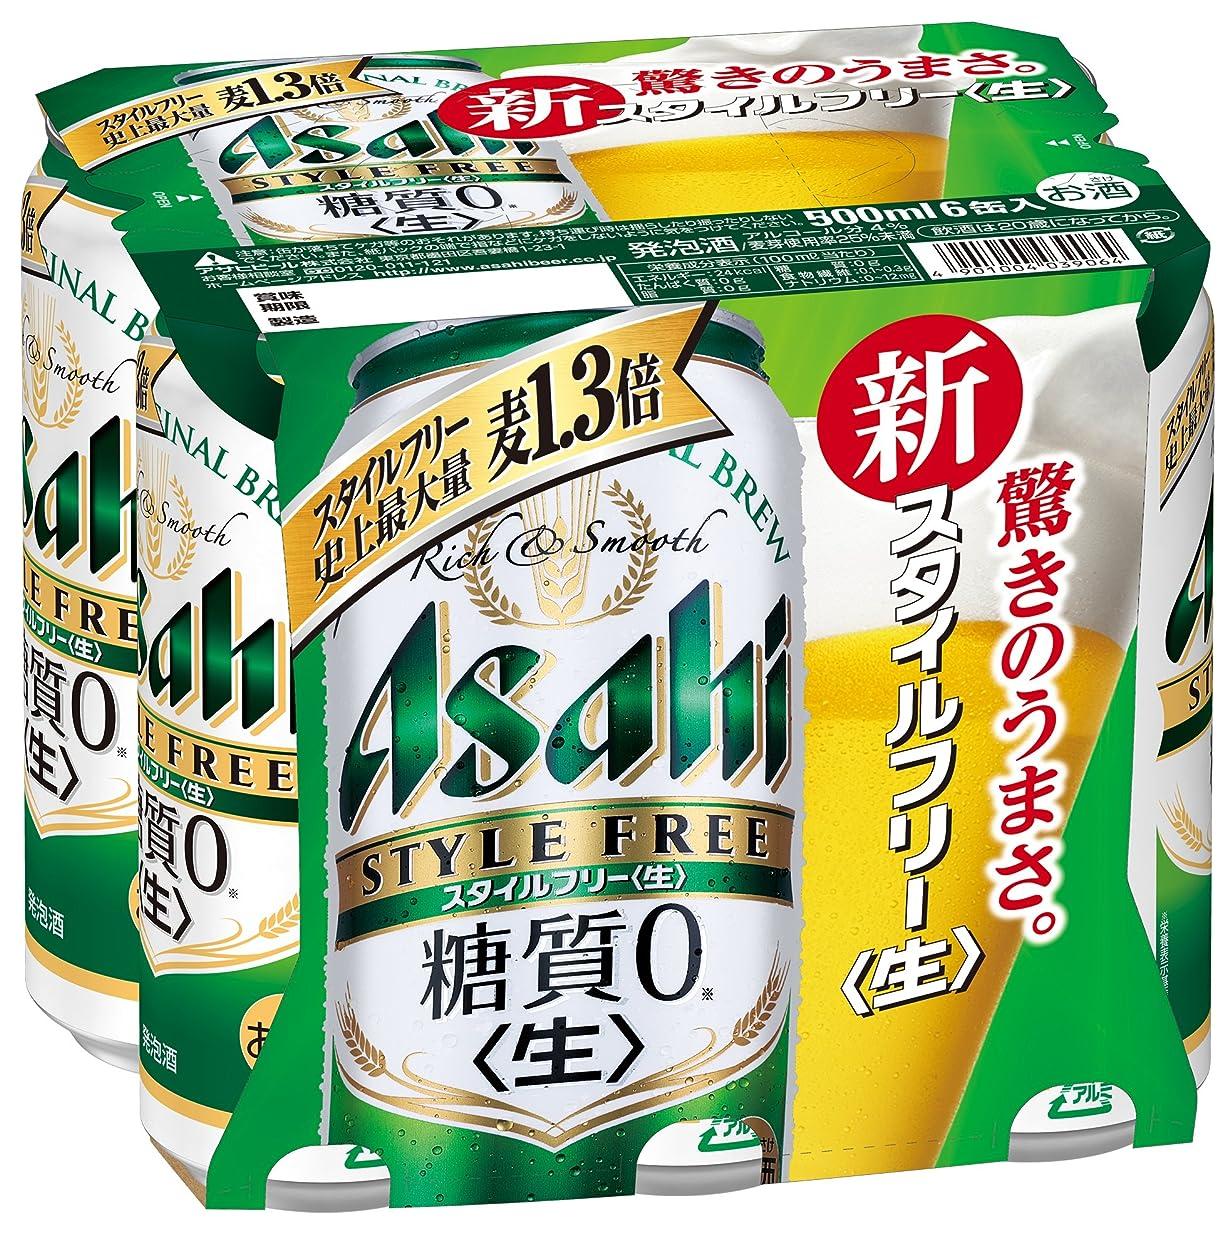 厳しいこれまで枯渇アサヒ スタイルフリー <生> 缶 500ml×6缶